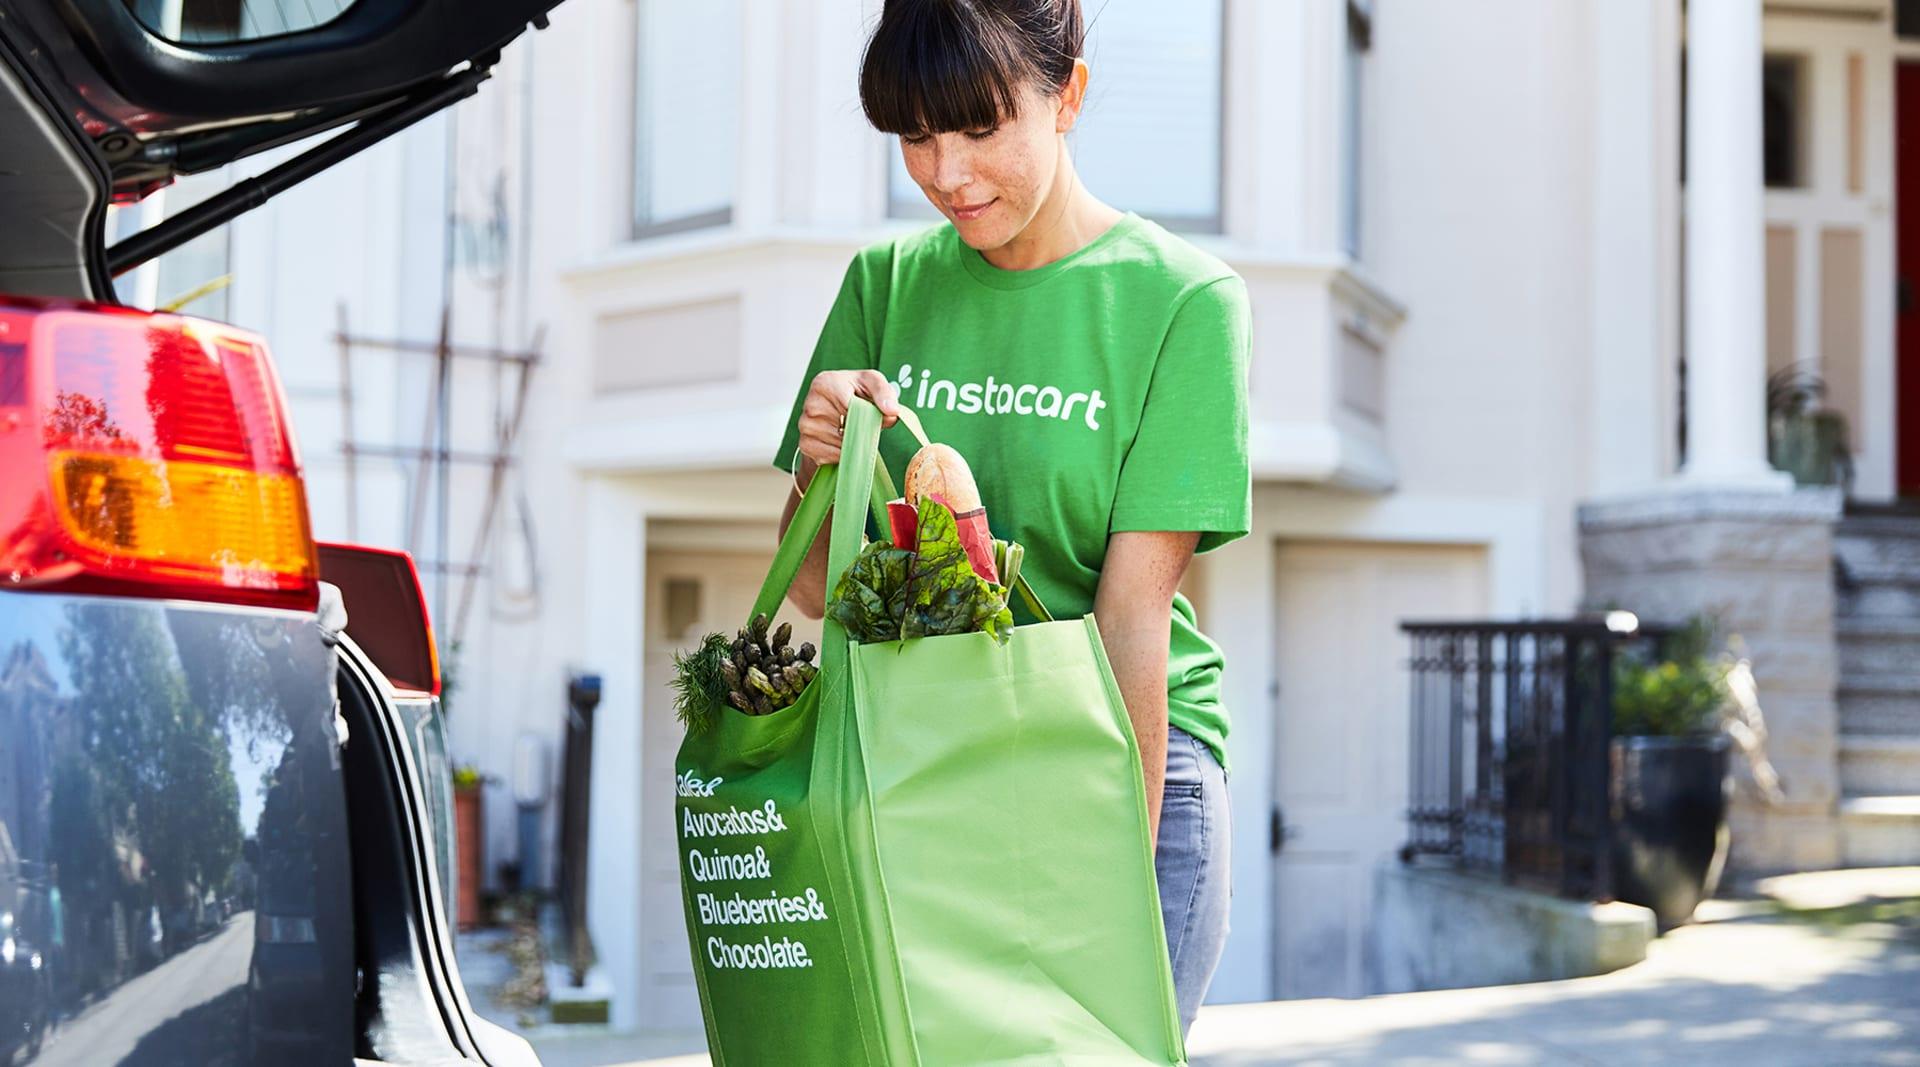 HERO instacart groceries car delivery